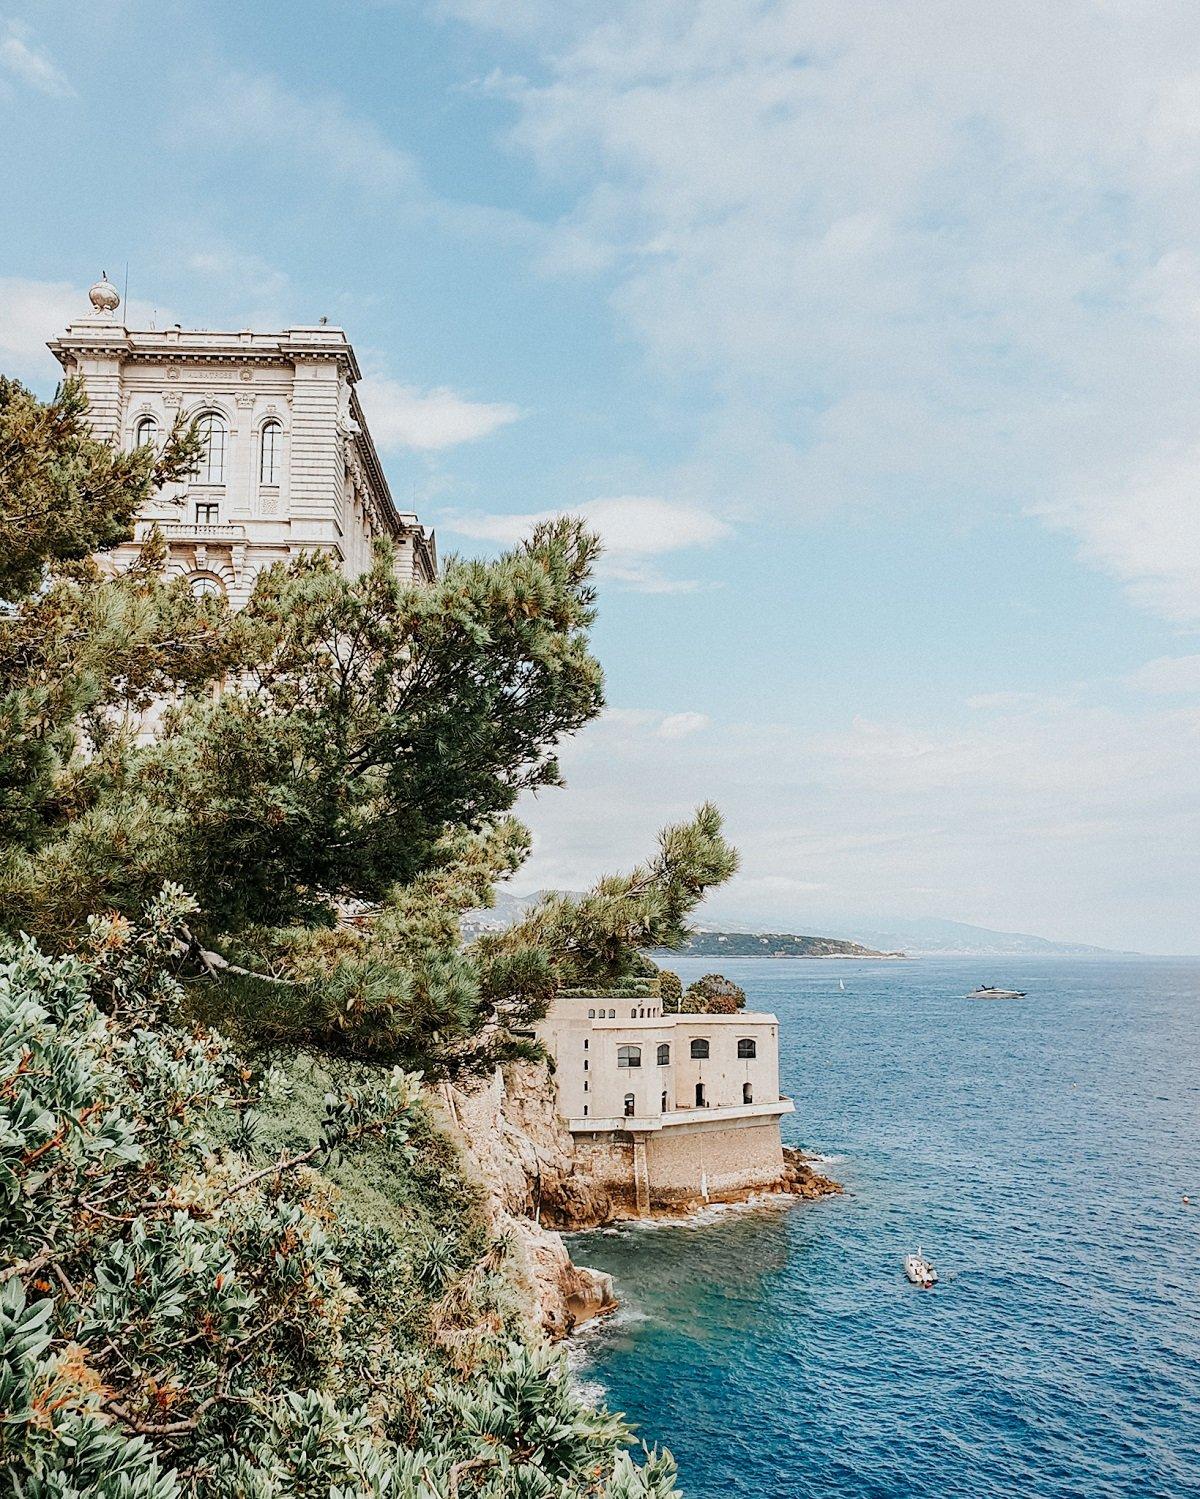 MMERSION, plongée au cœur de la Grande Barrière de Corail au Musée Océanographique de Monaco au bord de la mer